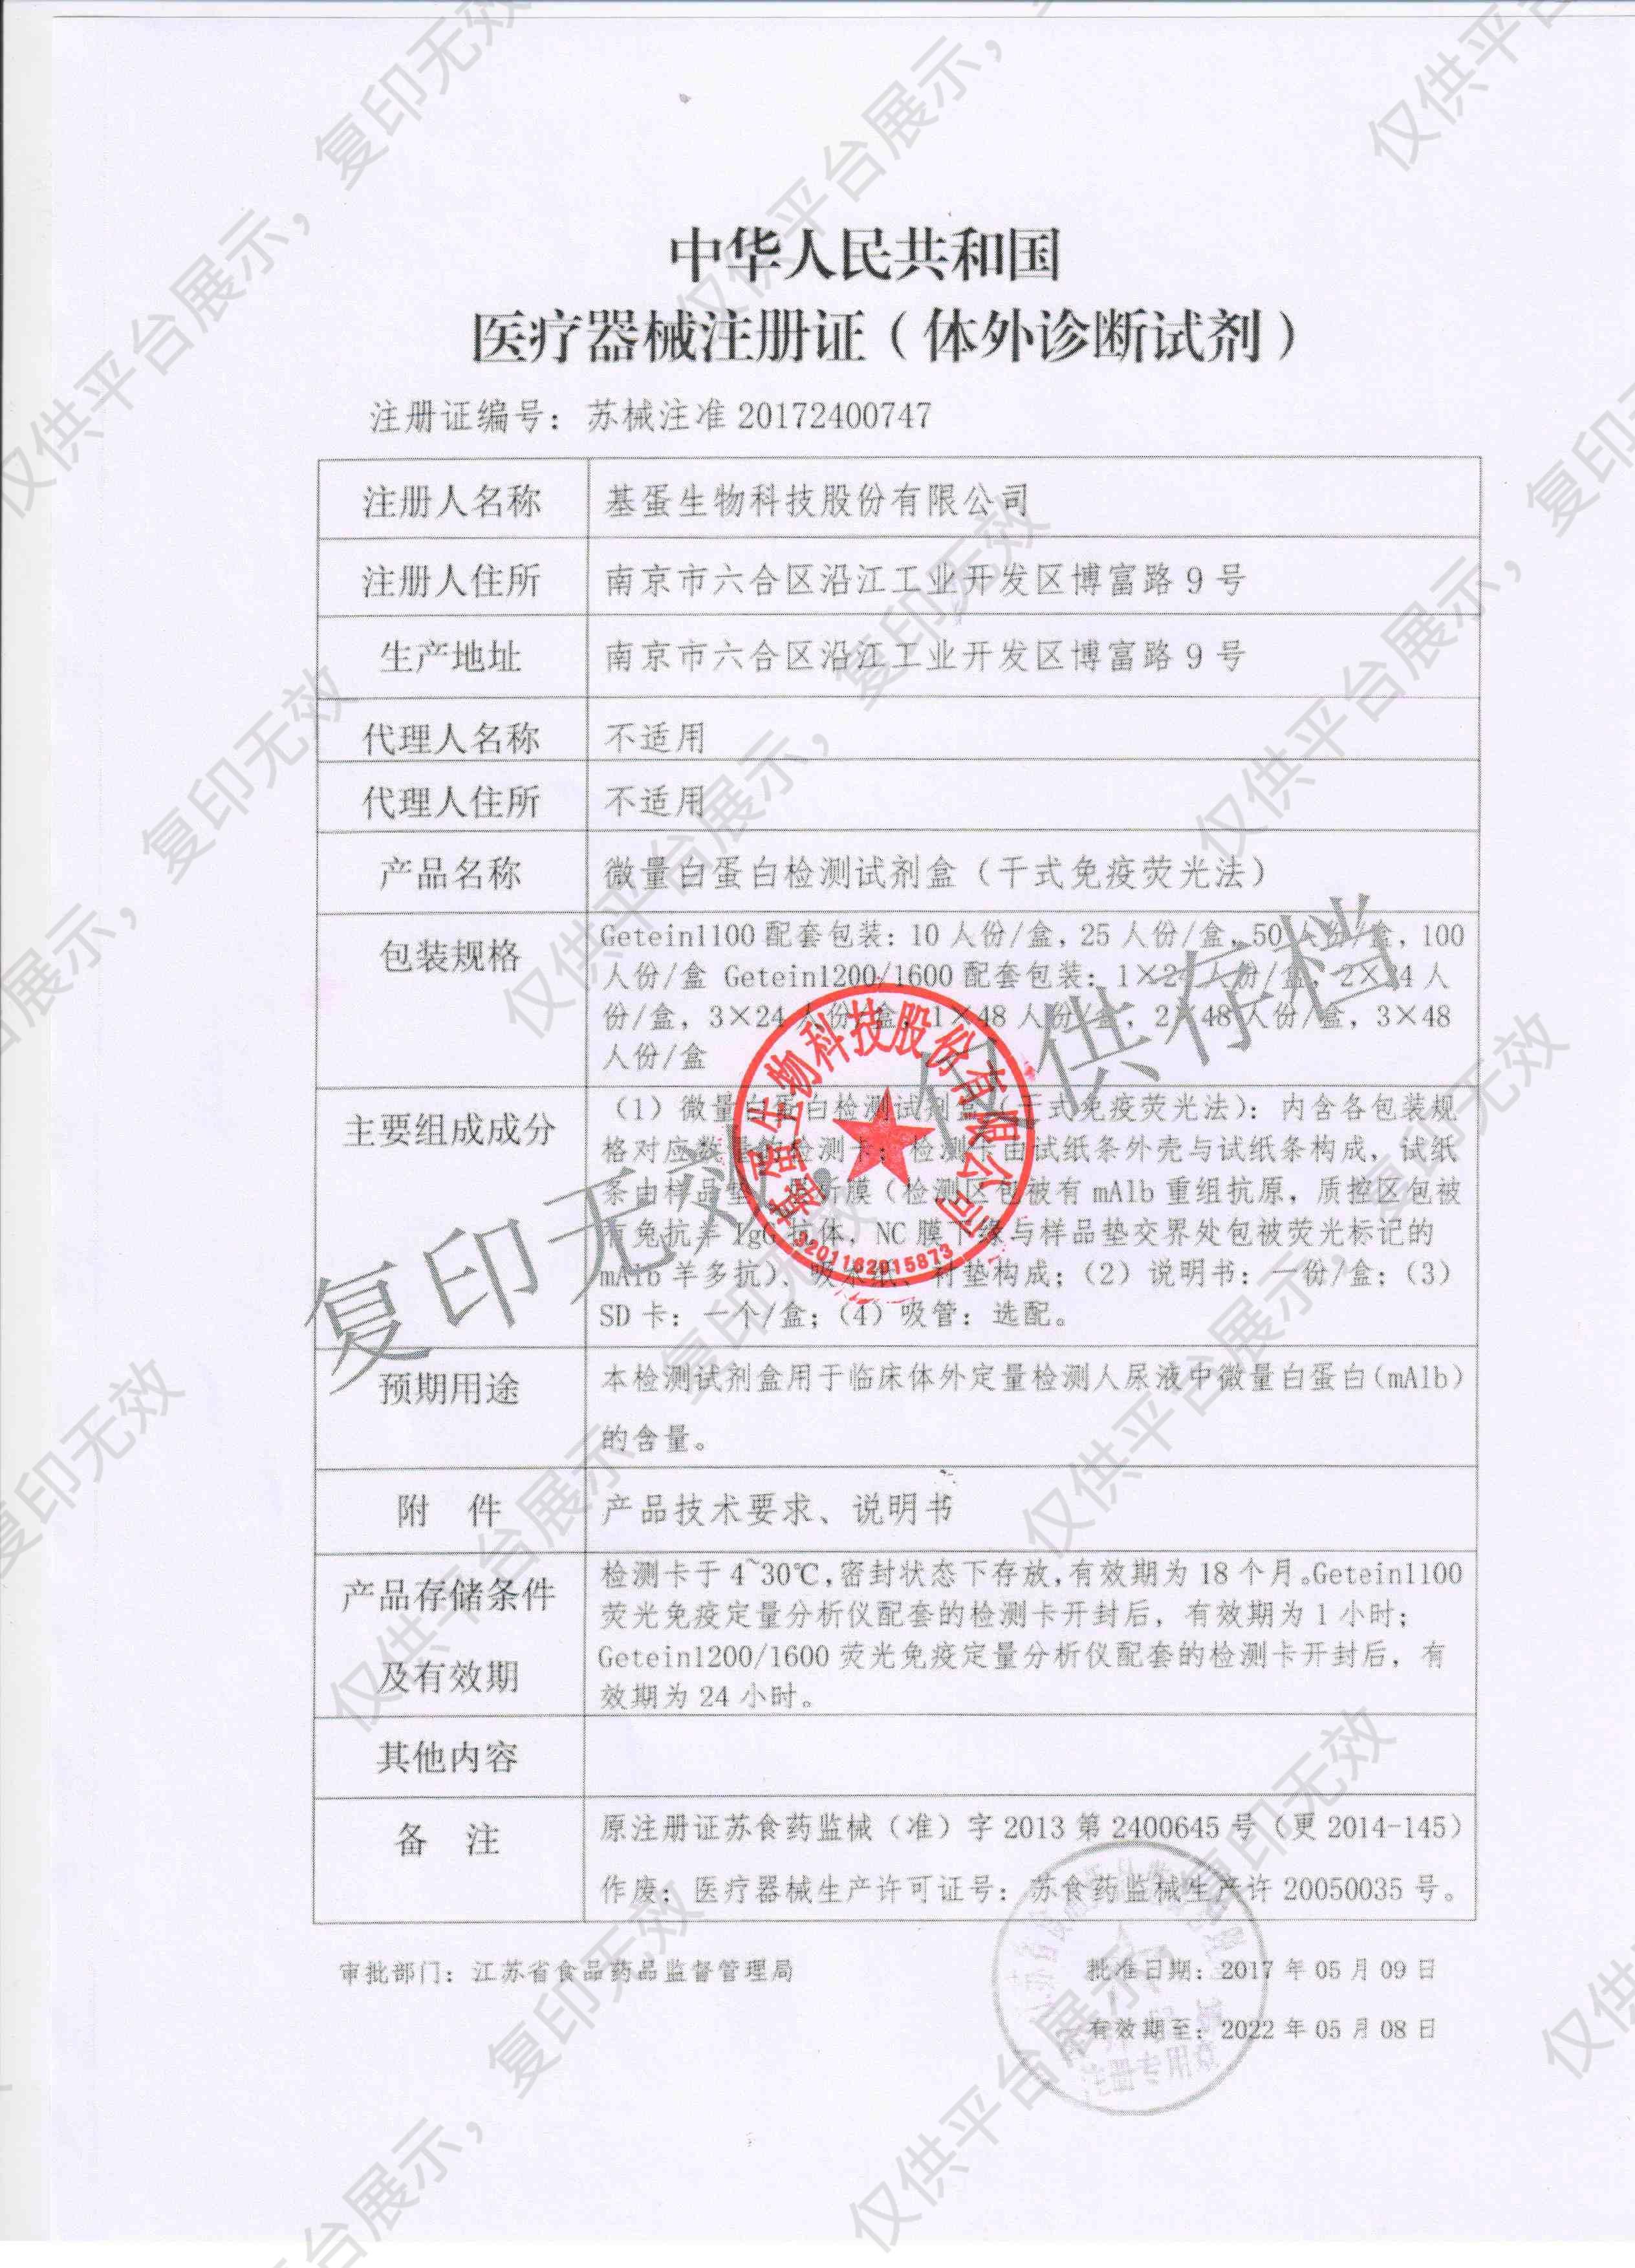 基蛋GP 微量白蛋白检测试剂盒(干式免疫荧光法) 48人份/盒注册证